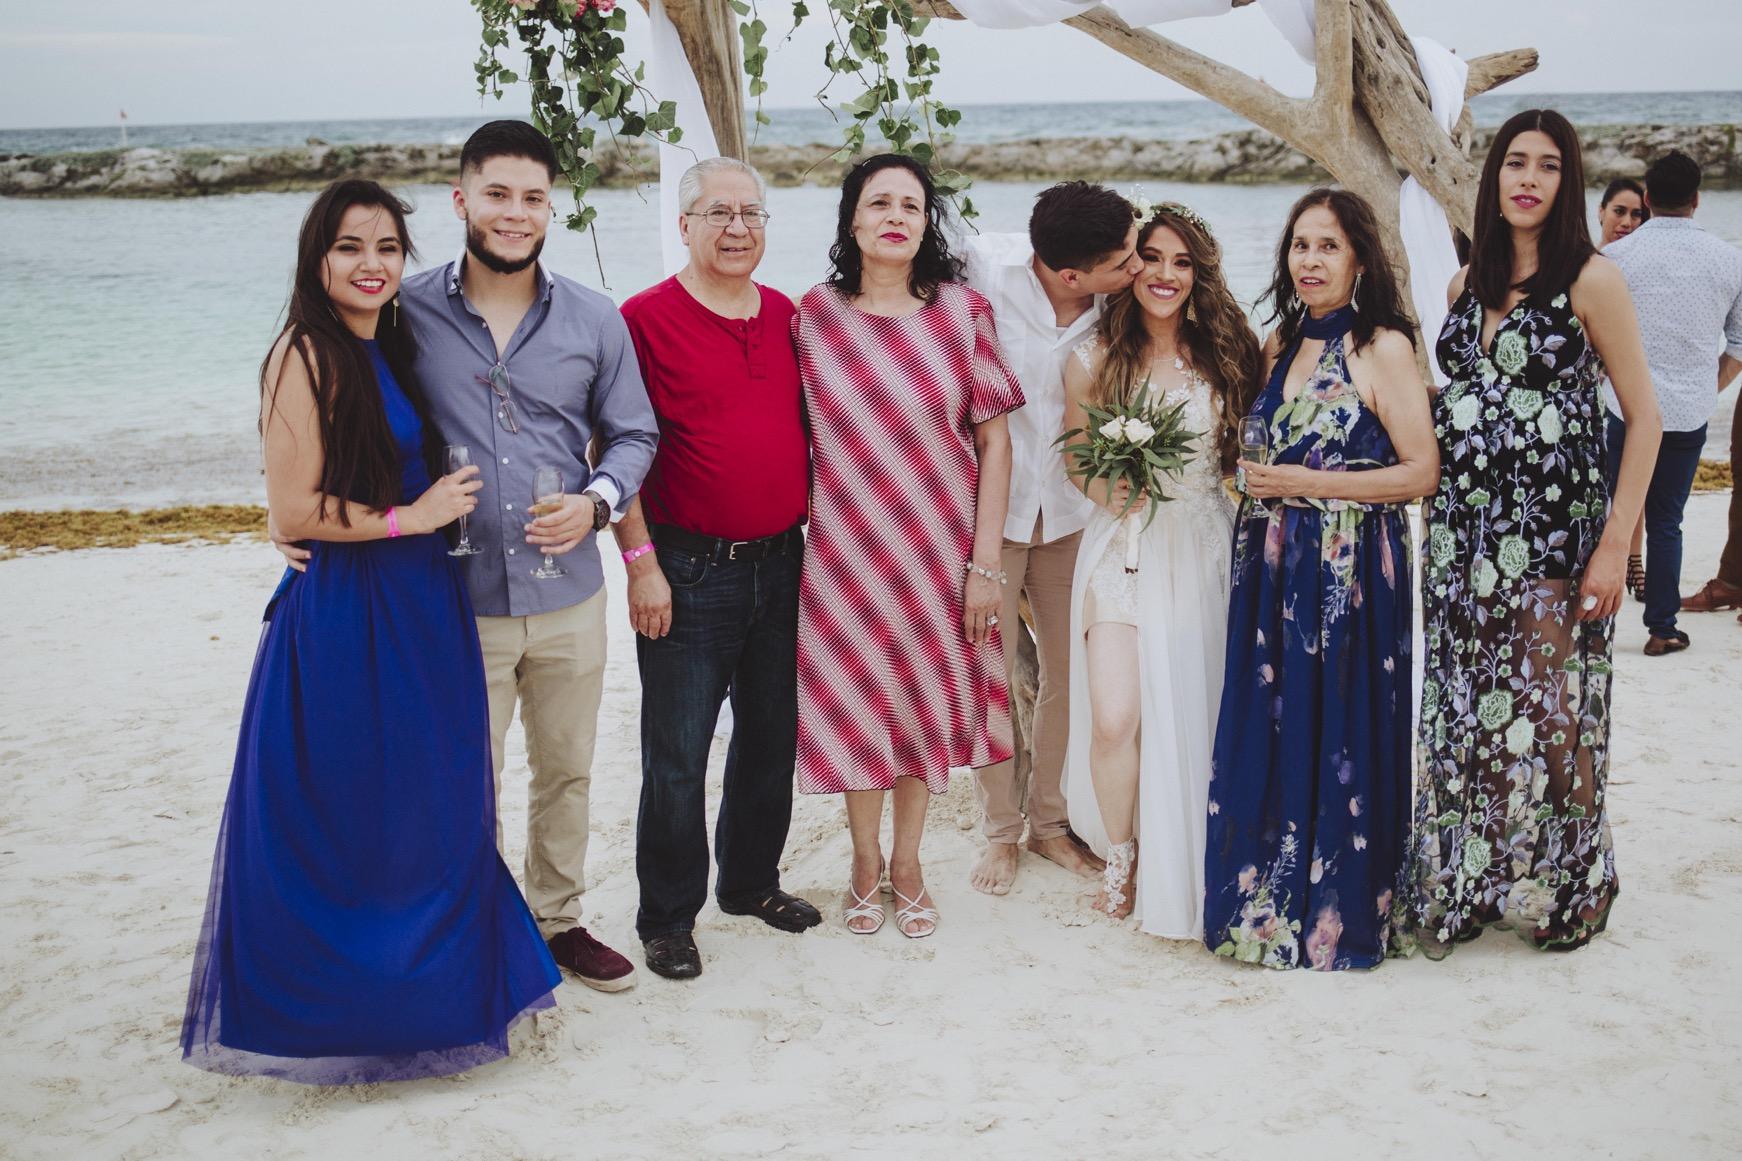 fotografo_bodas_profesional_zacatecas_riviera_maya_cancun-122